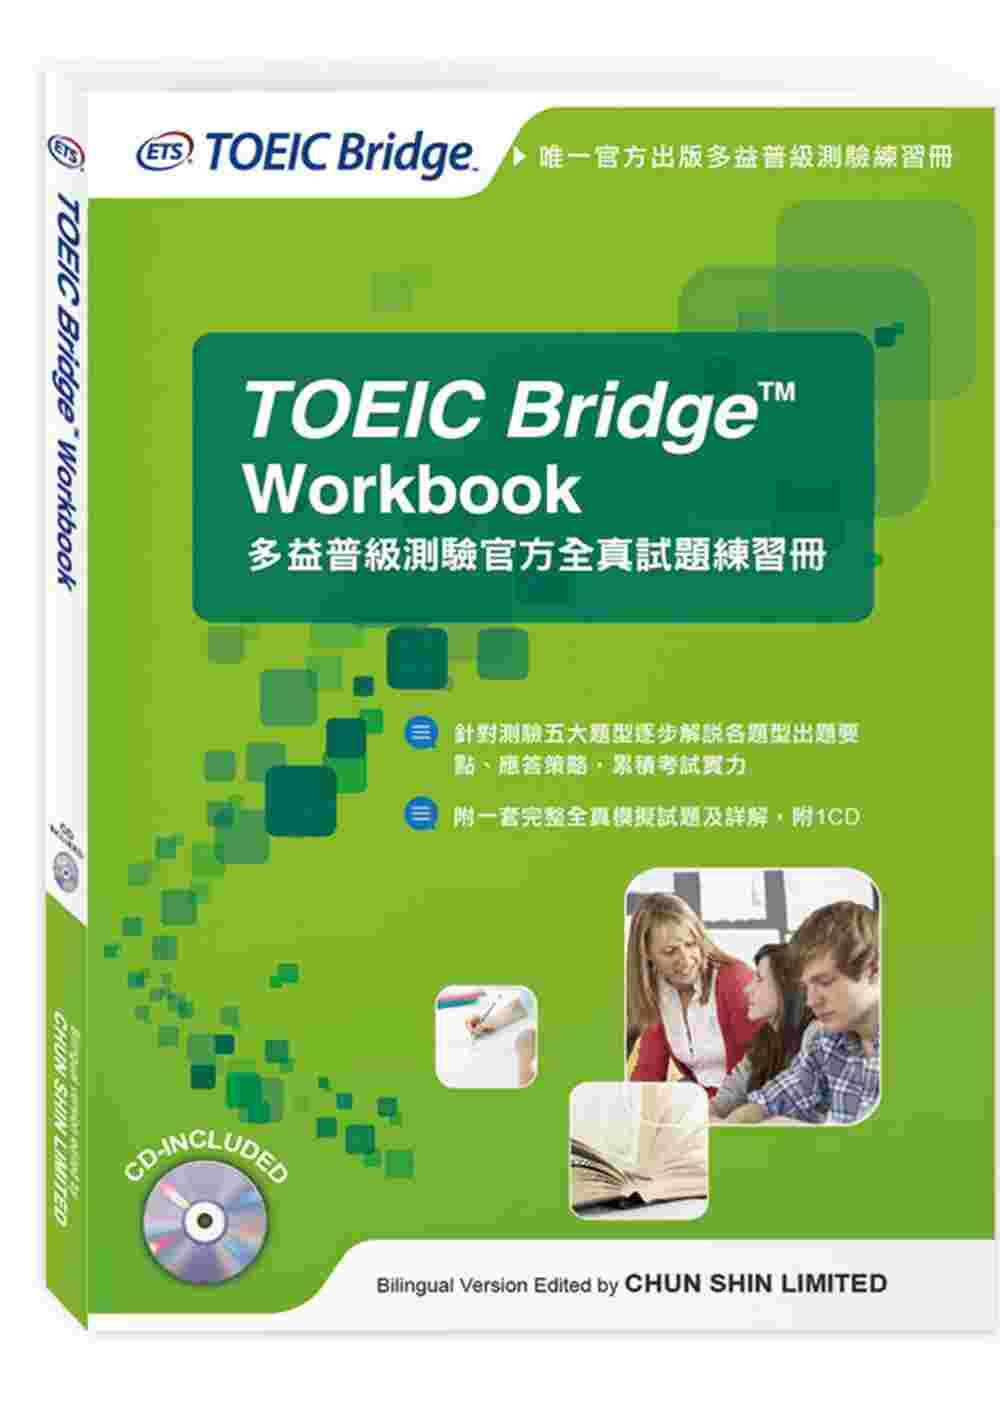 多益普级测验官方全真试题练习册 (附光盘一片):TOEIC Bridge Workbook